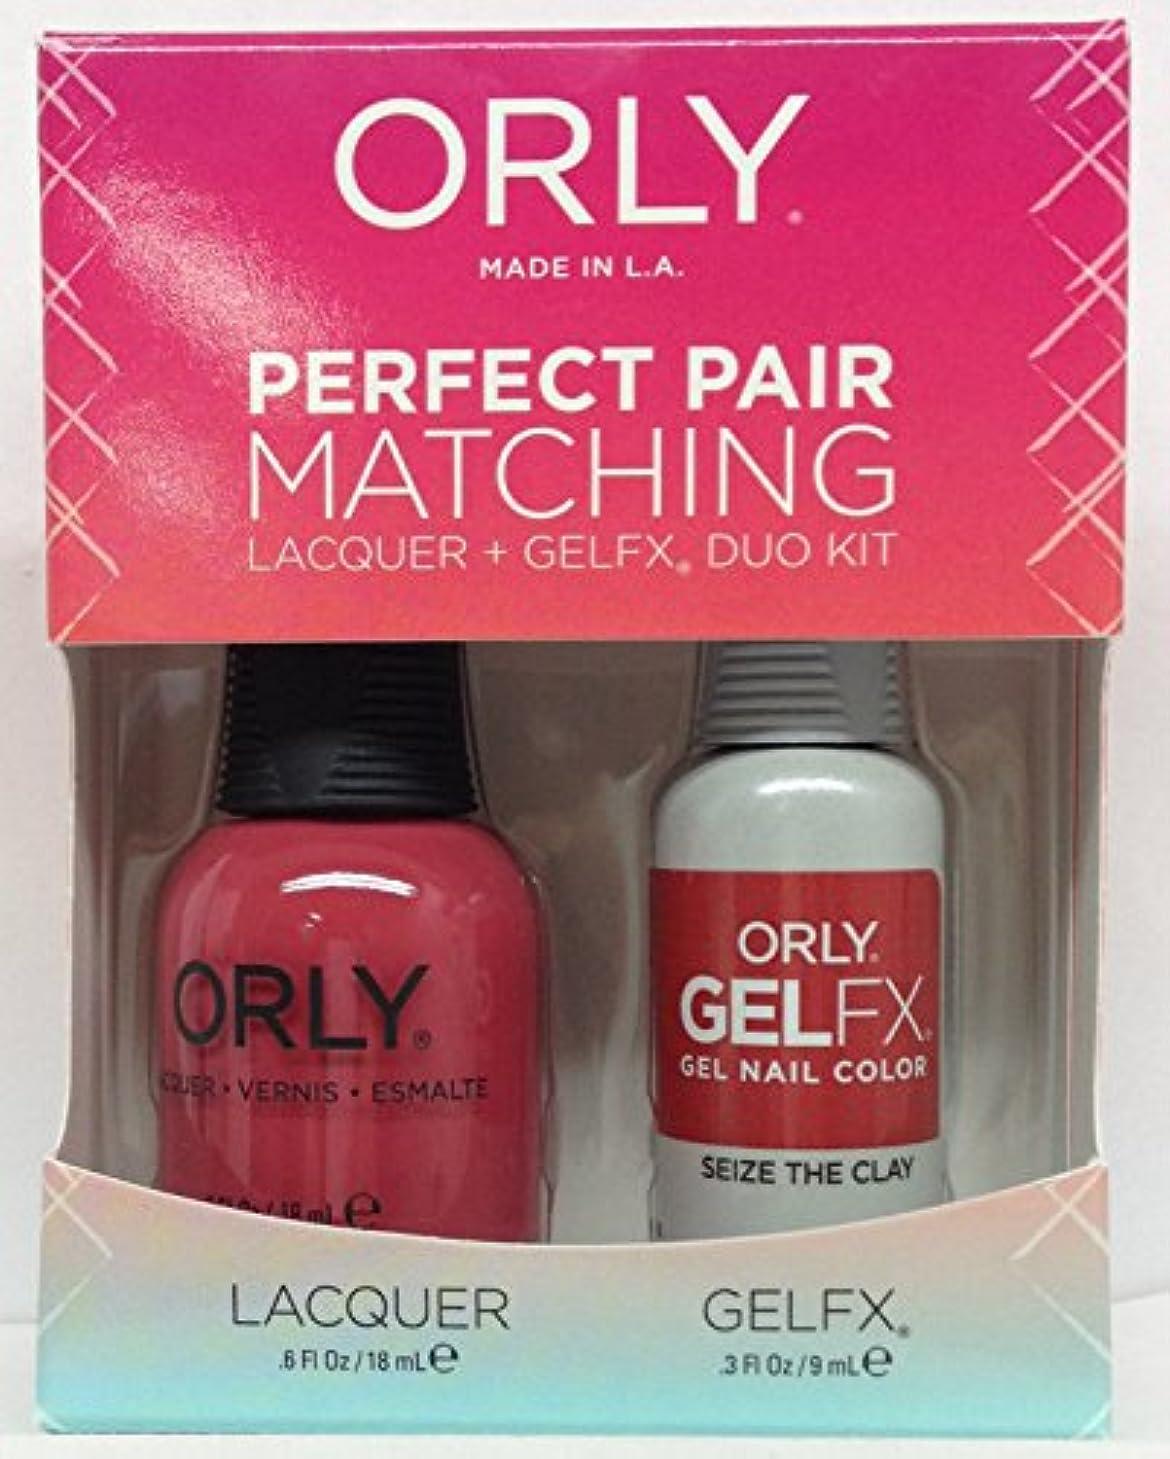 中止します統治するアロングOrly - Perfect Pair Matching Lacquer + GelFX Kit - Seize the Clay - 0.6 oz/0.3 oz